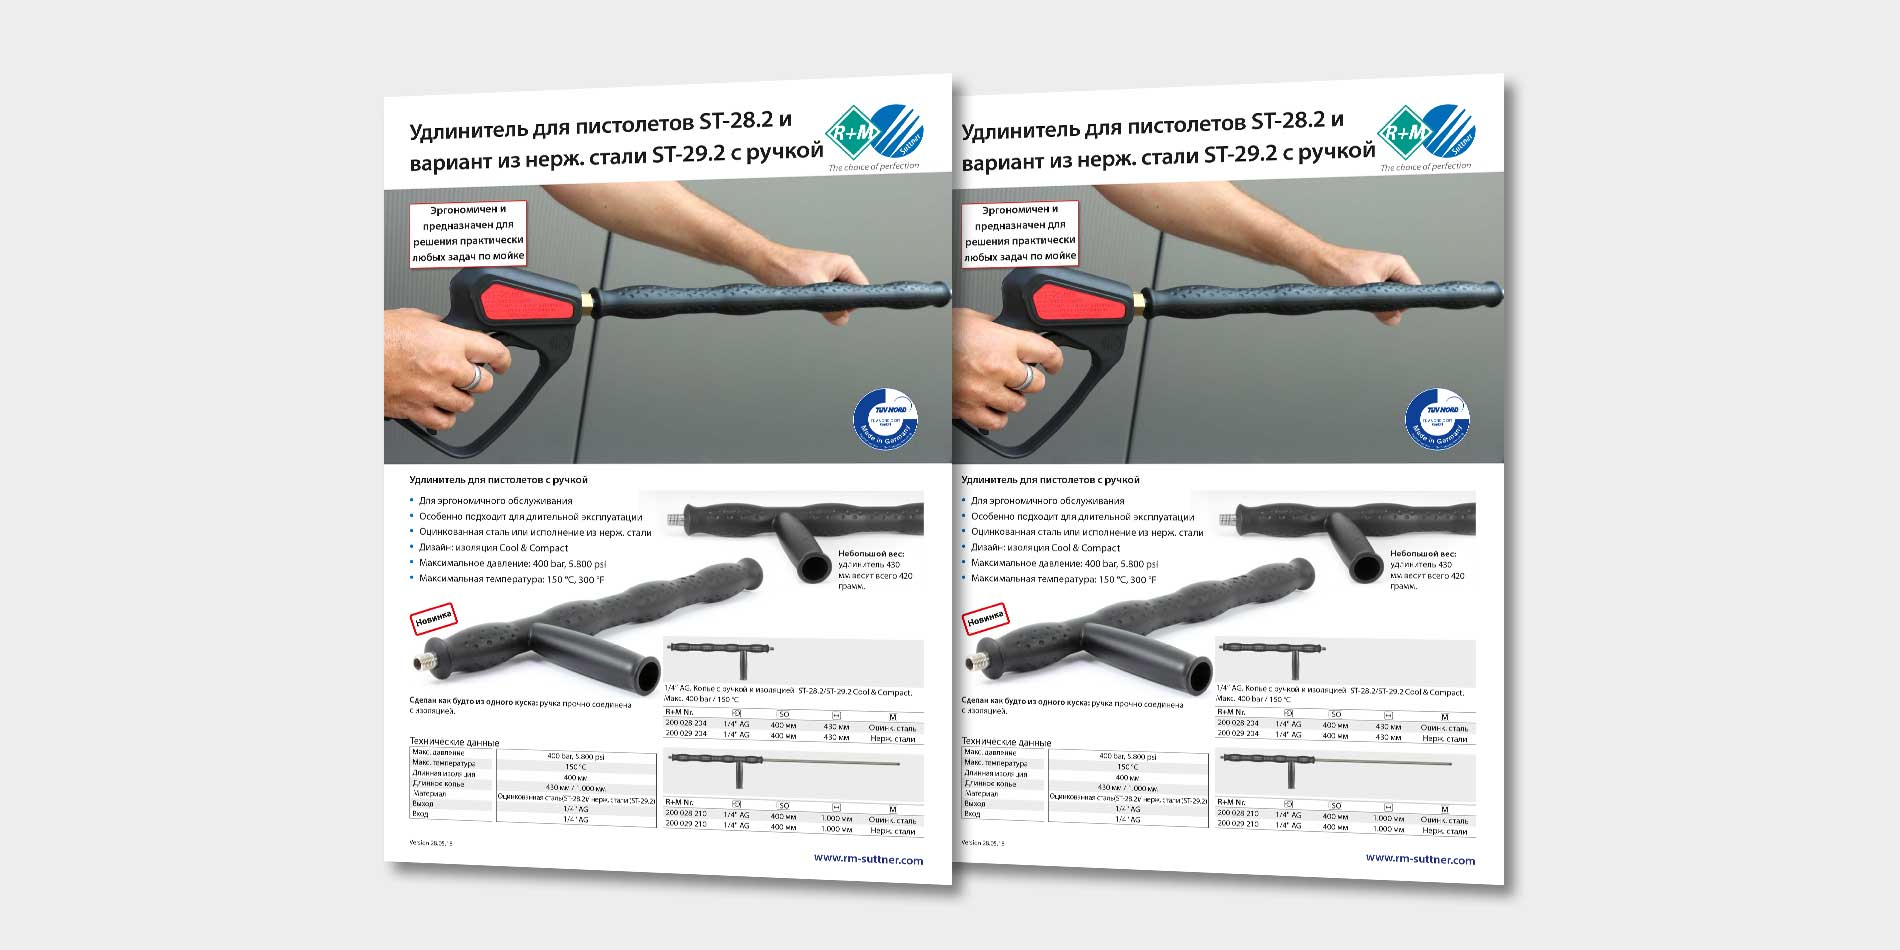 Удлинитель для пистолетов ST-28.2 и вариант из нерж. стали ST-29.2 с ручкой